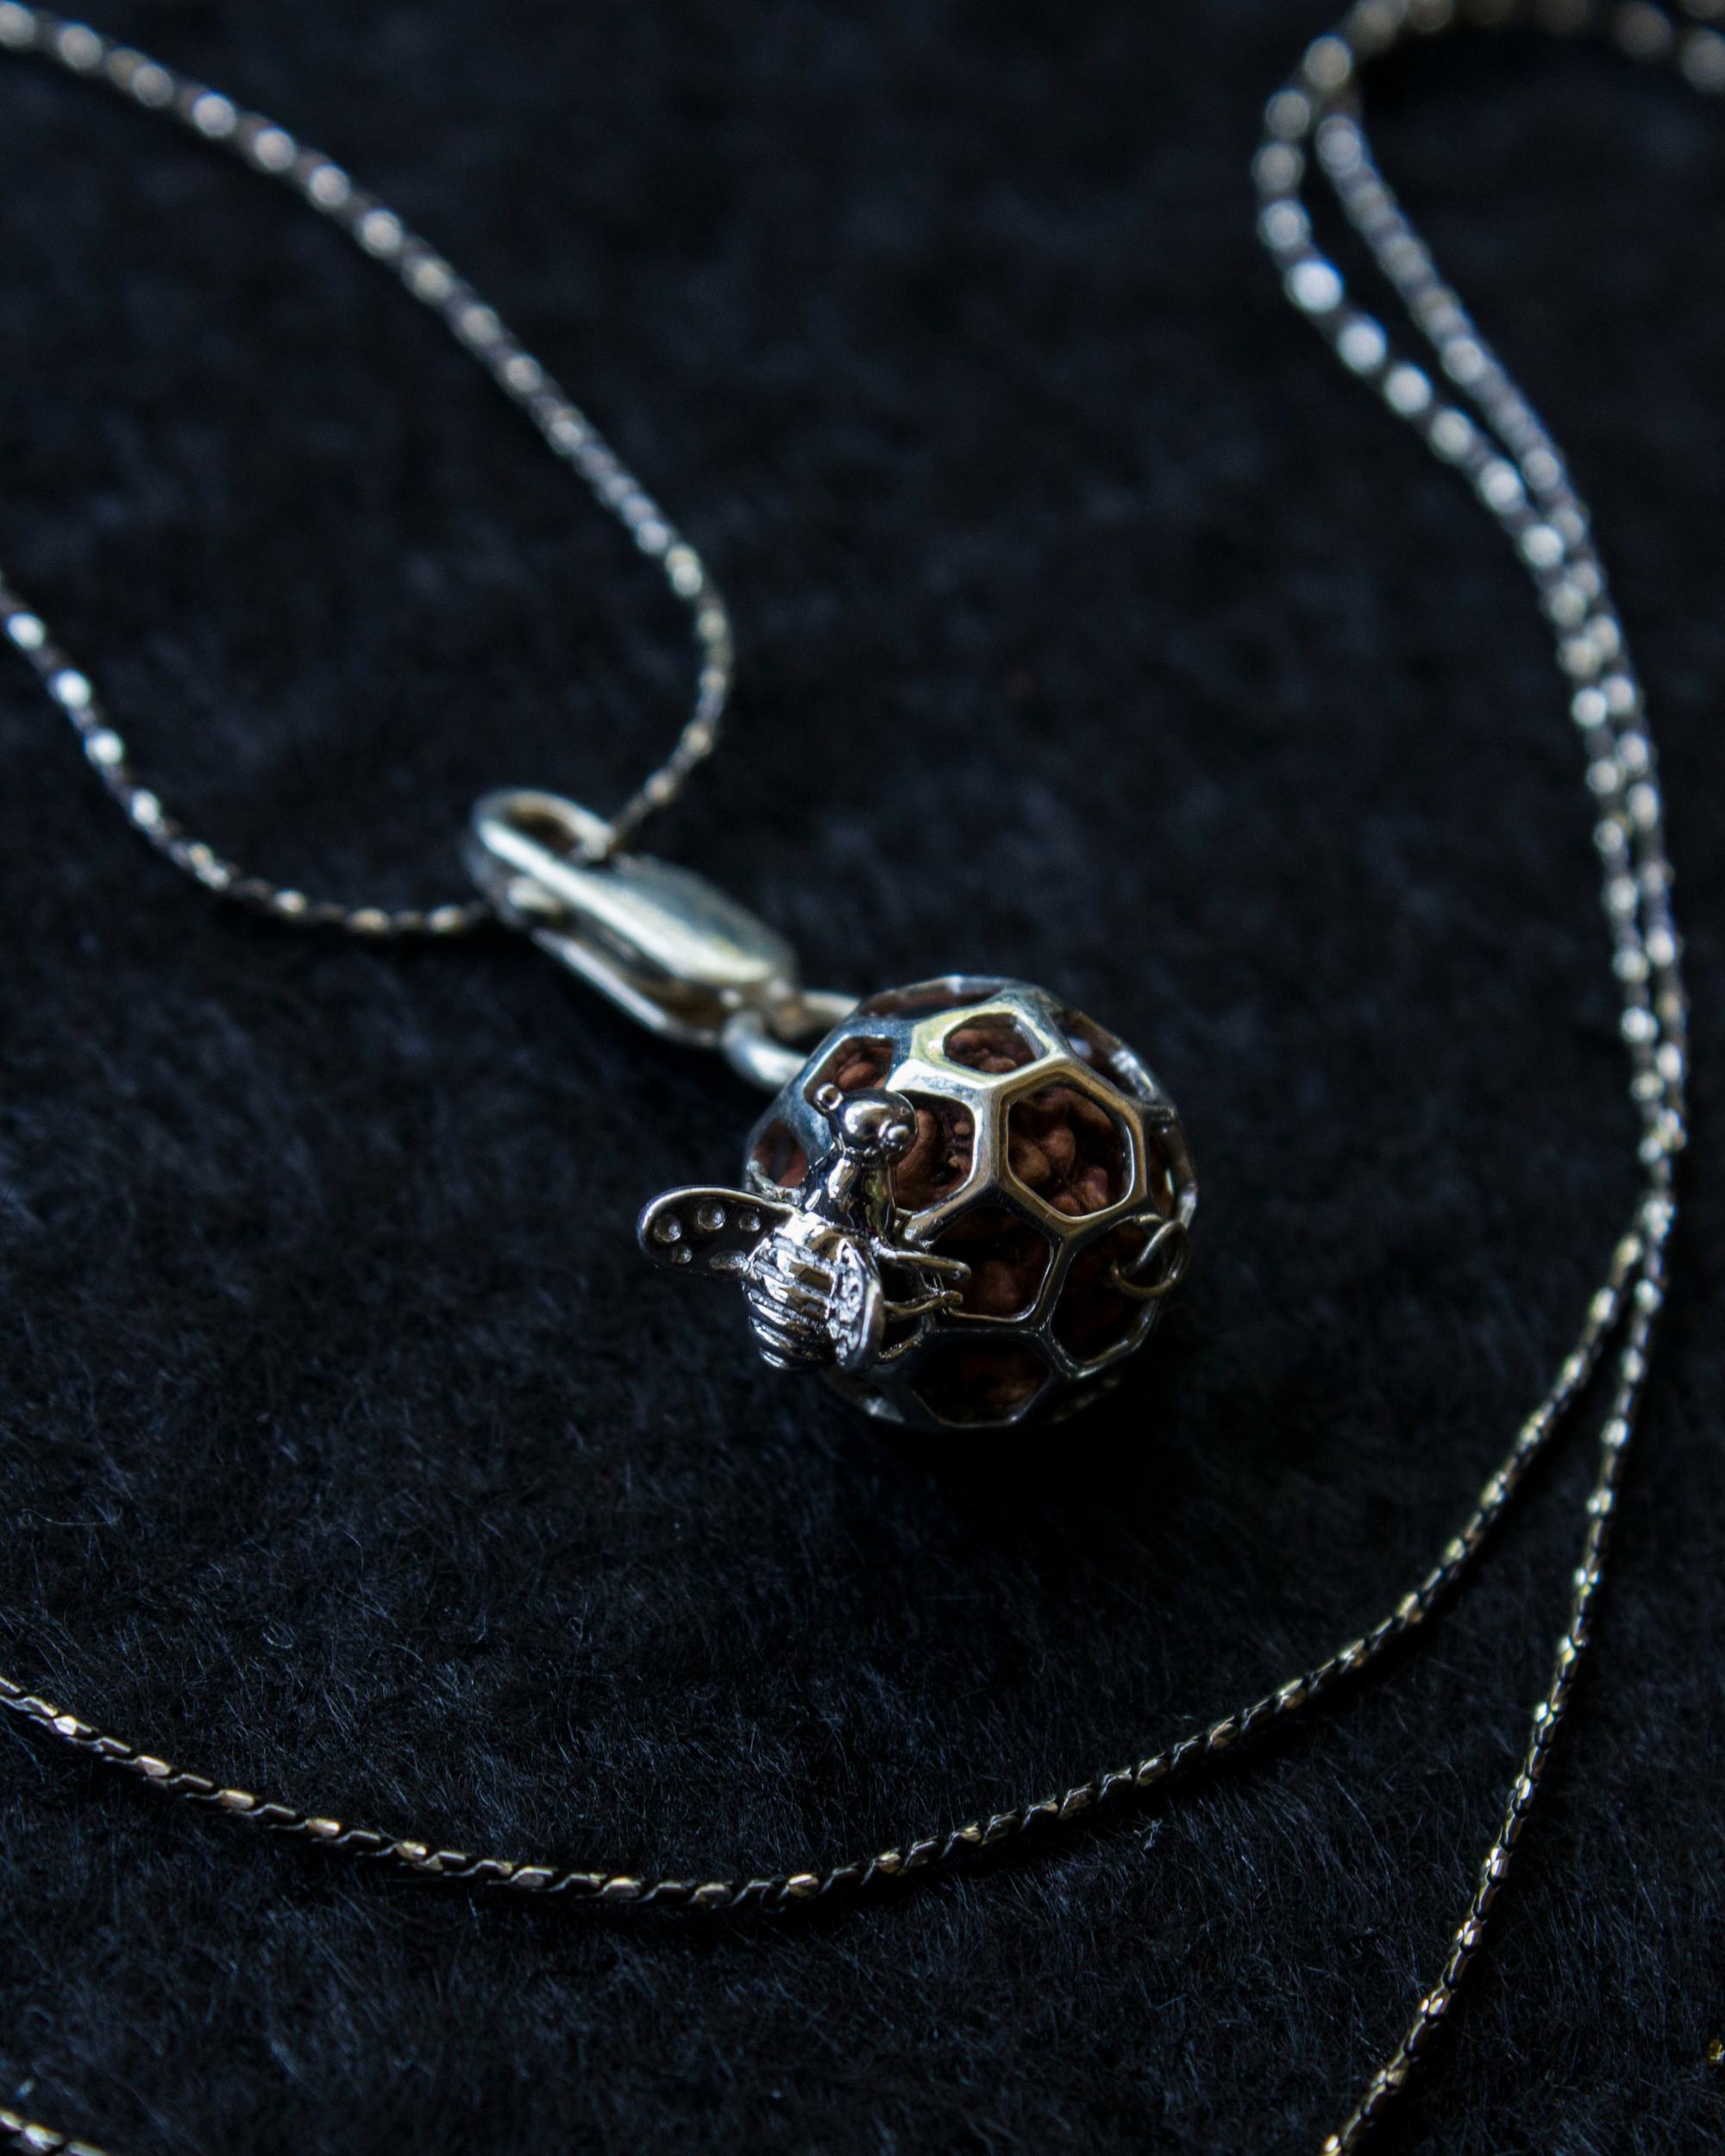 Silver hive pendant